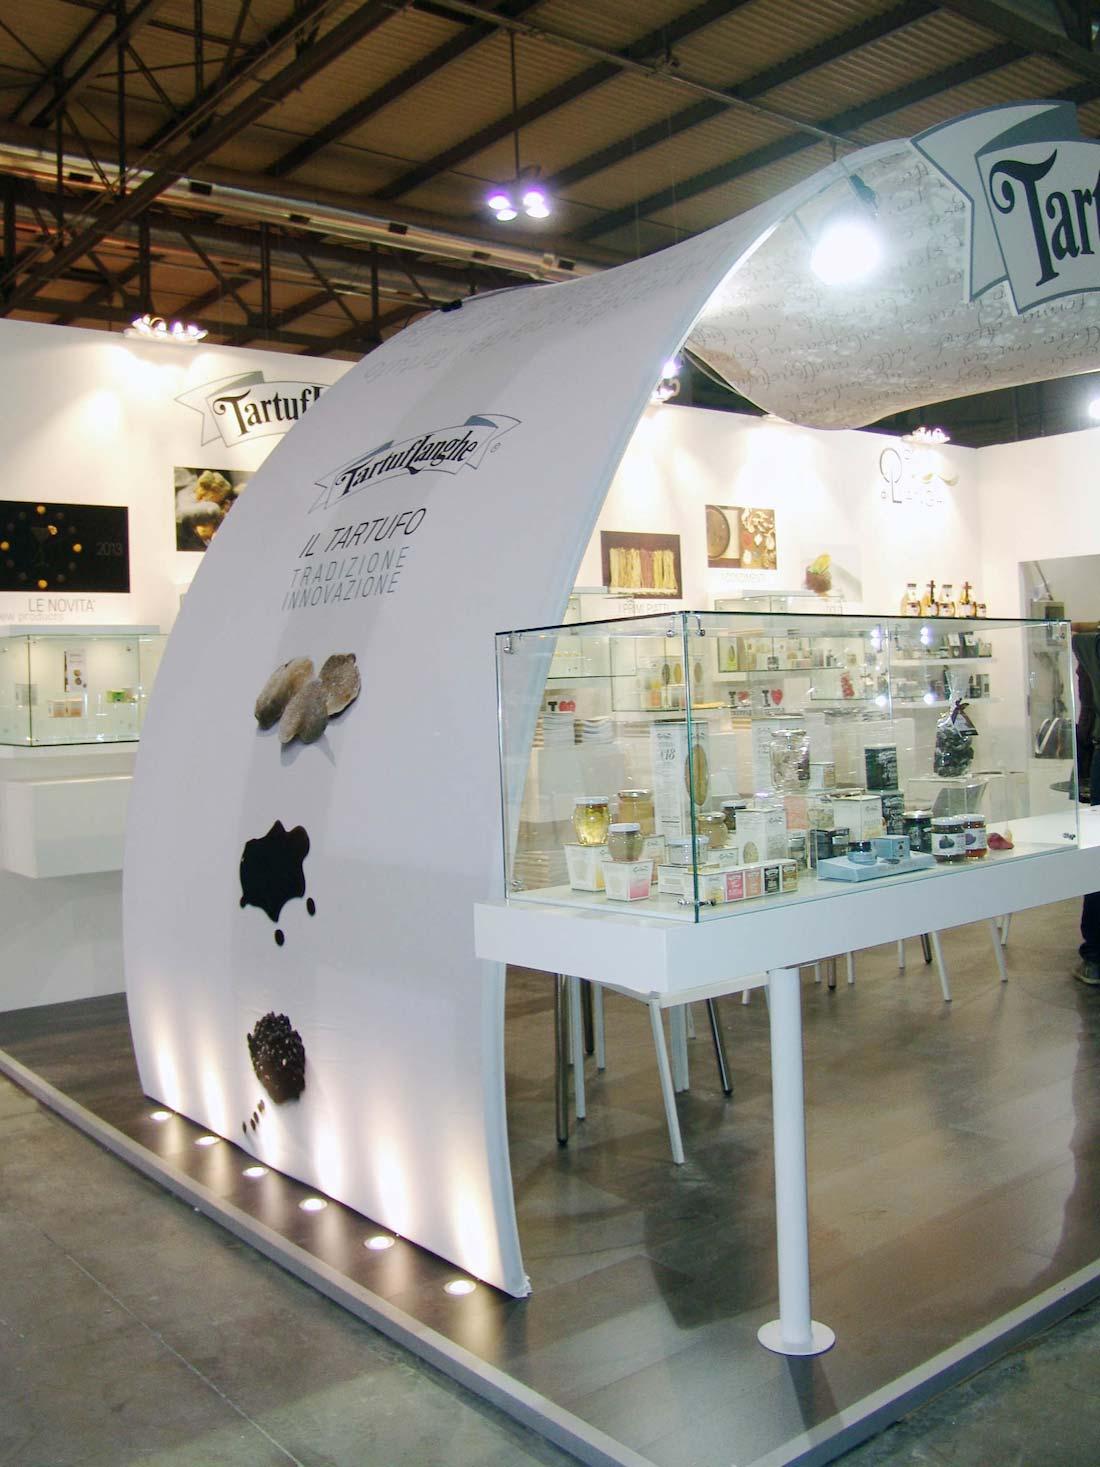 Struttura in tessuto nello stand Tartuflanghe allestito in occasione dell'esposizione internazionale Tuttofood 2013 al quartiere fieristico di Milano